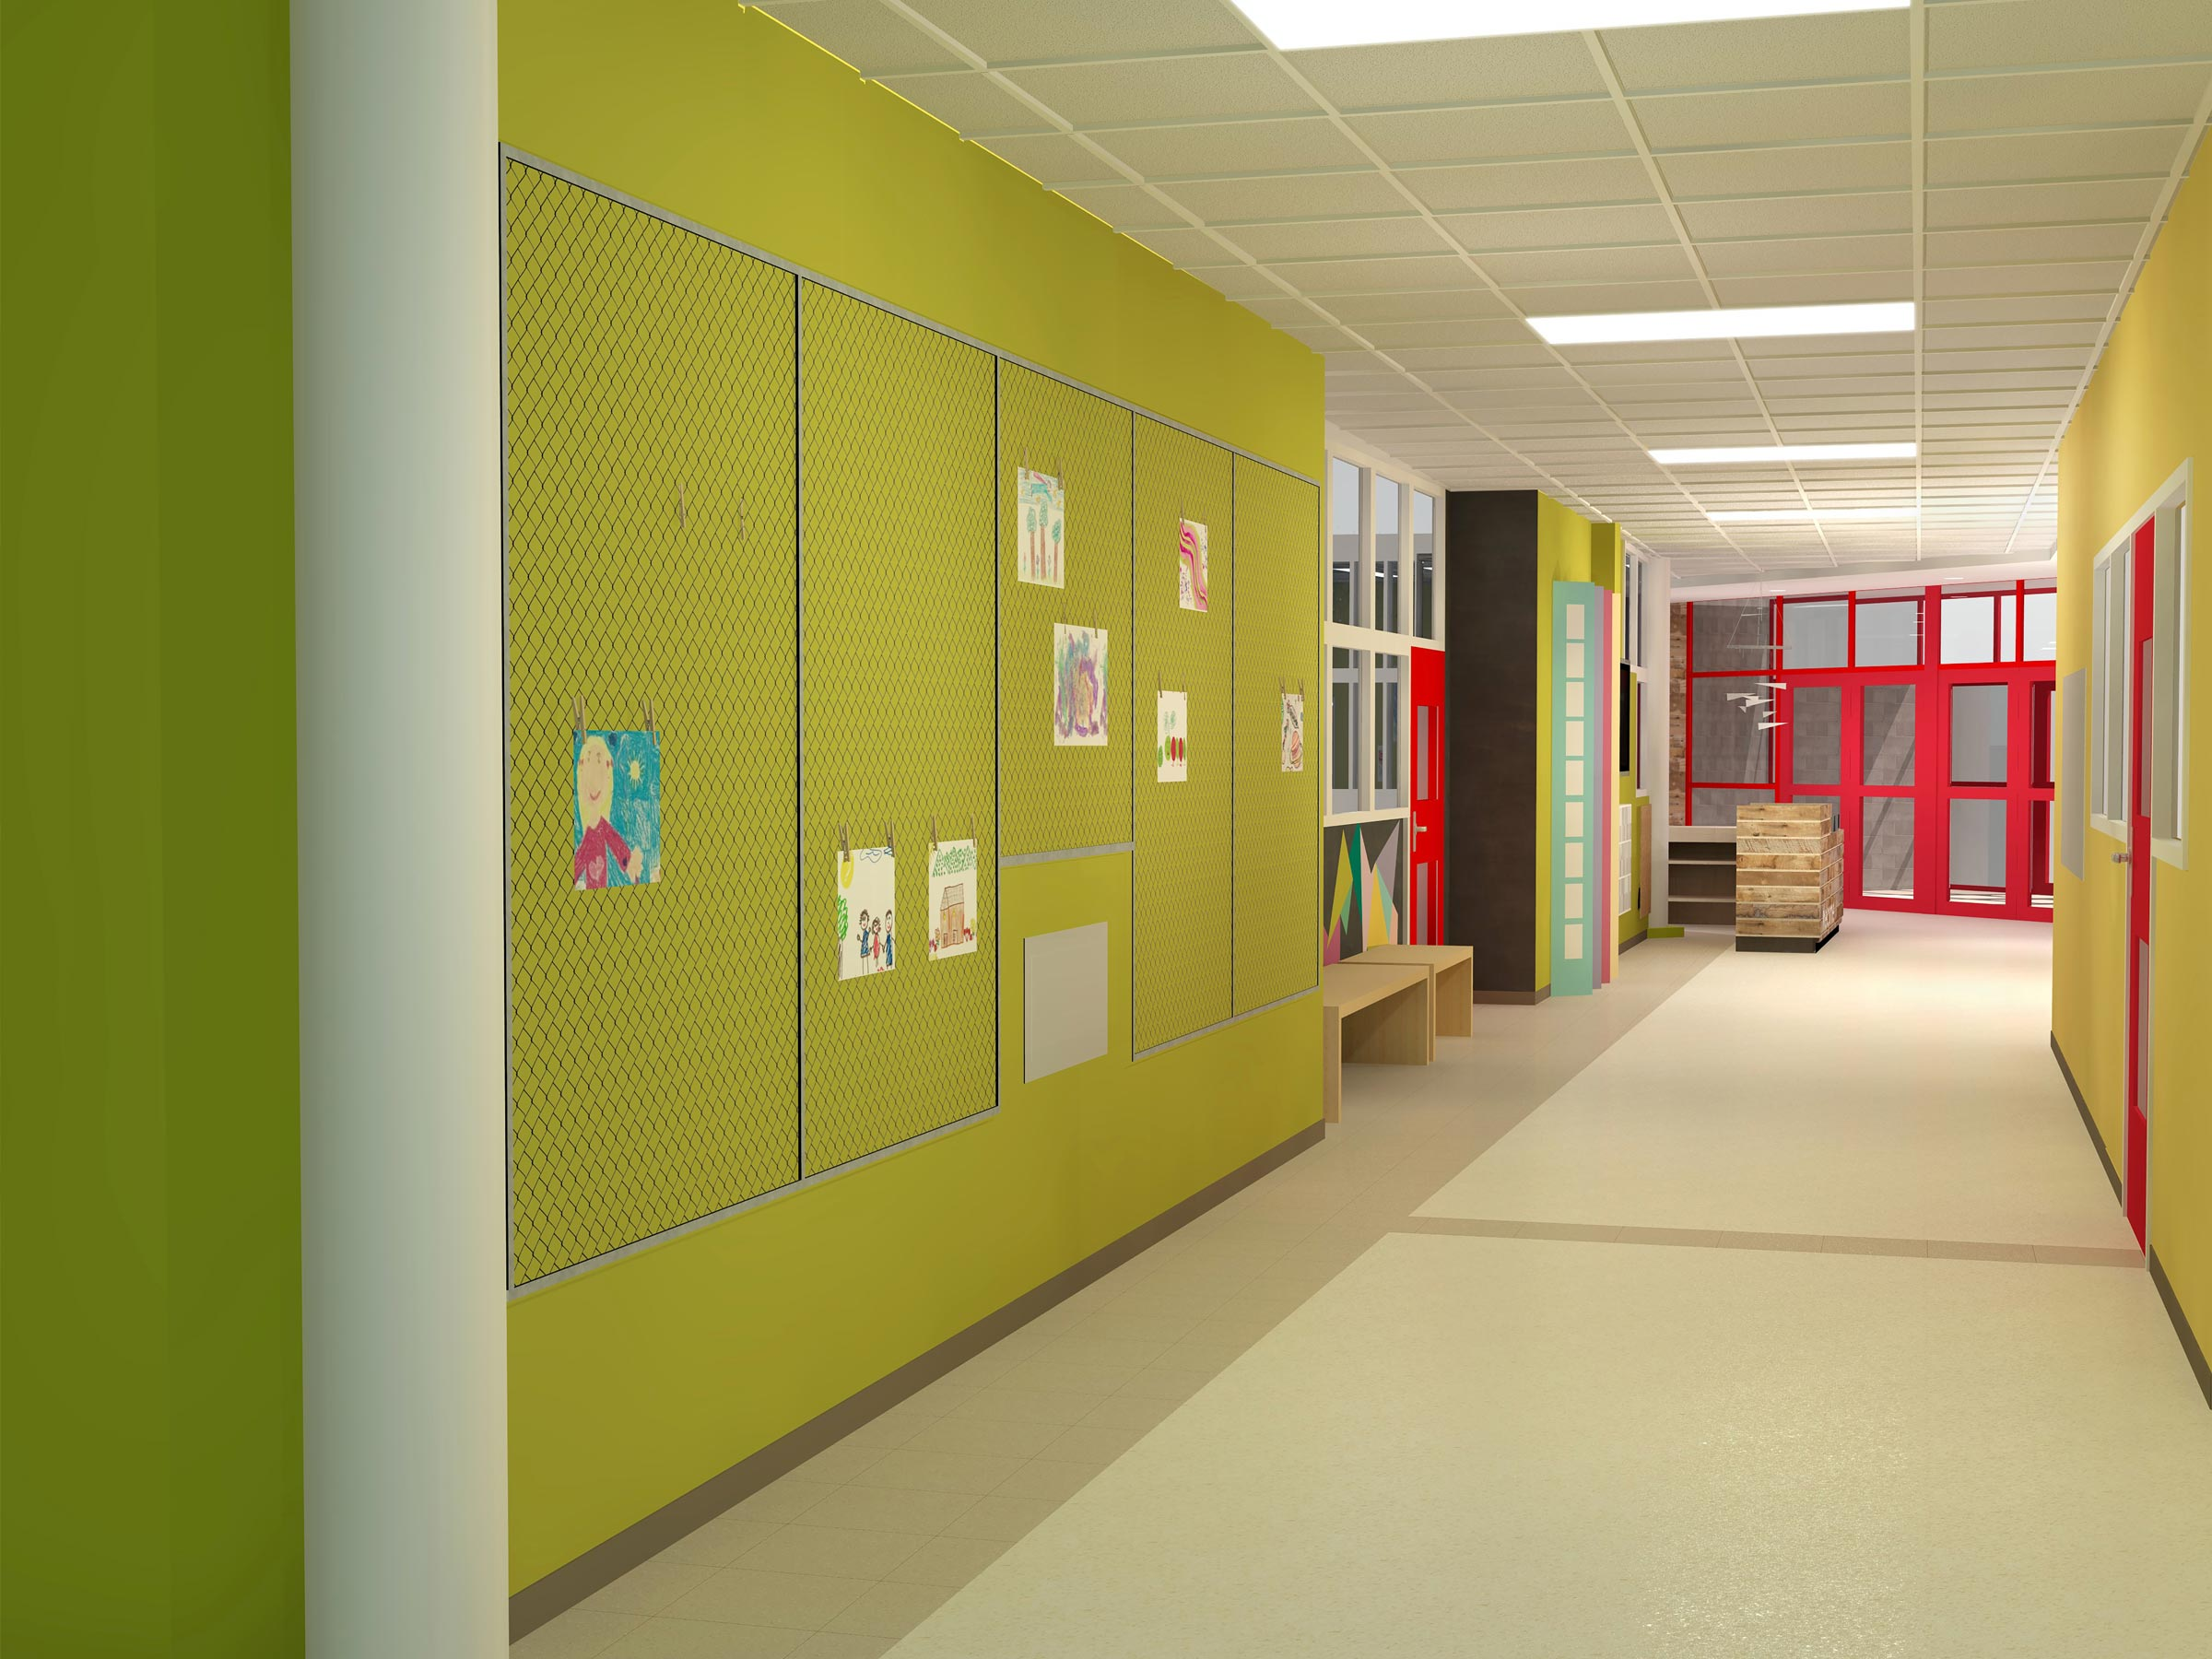 La Roche Design Division Interior Design Students Redesign School Entry